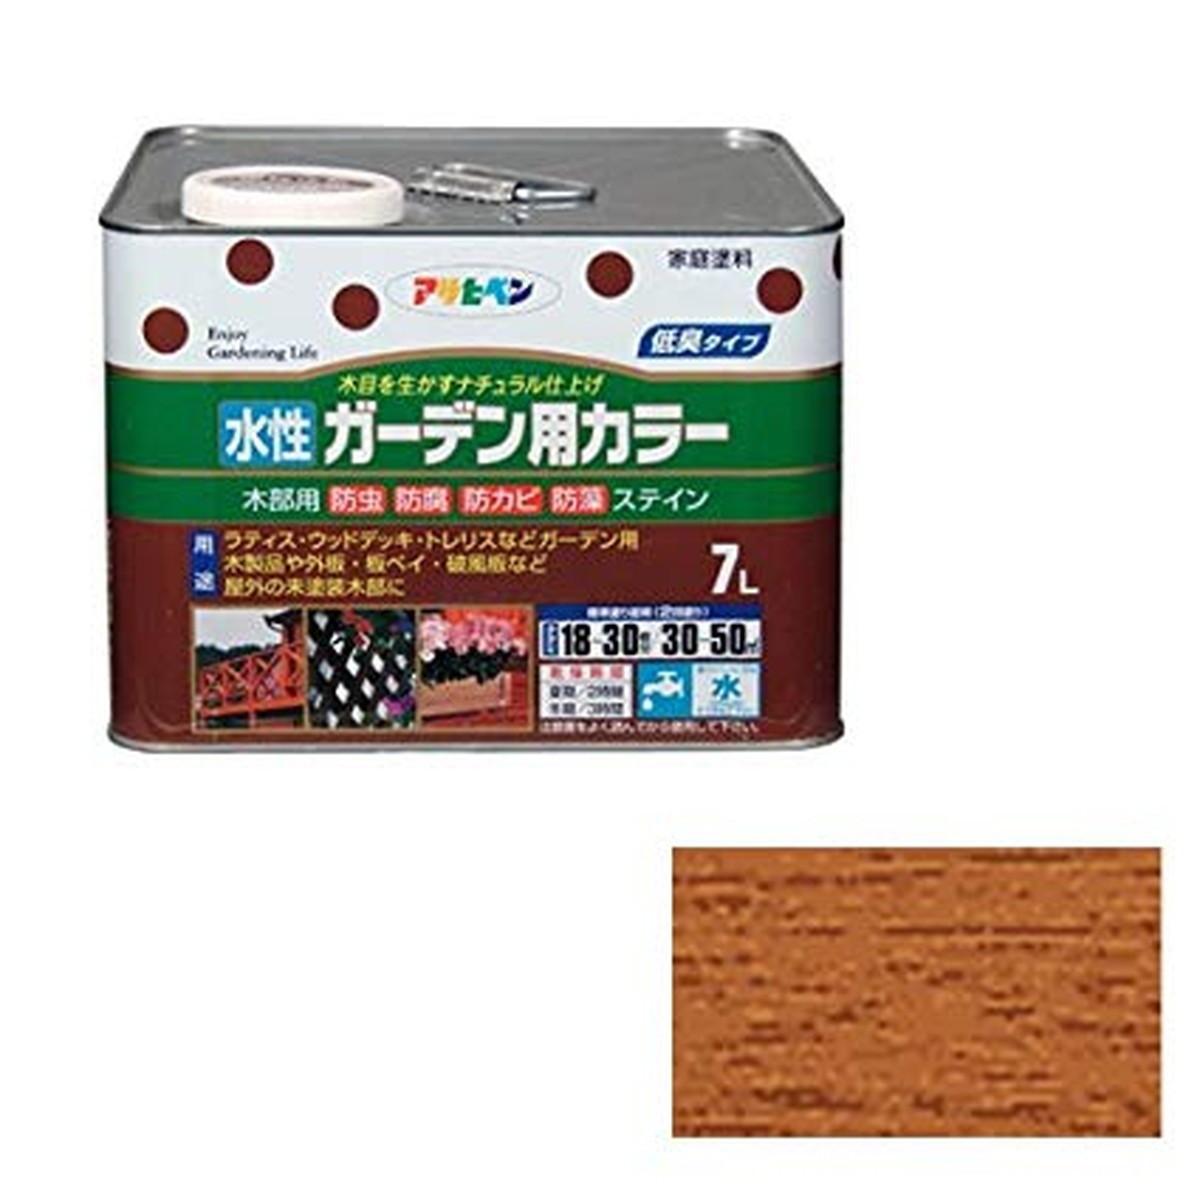 アサヒペン 水性ガーデン用カラー ライトオーク 7L【クーポン配布中】